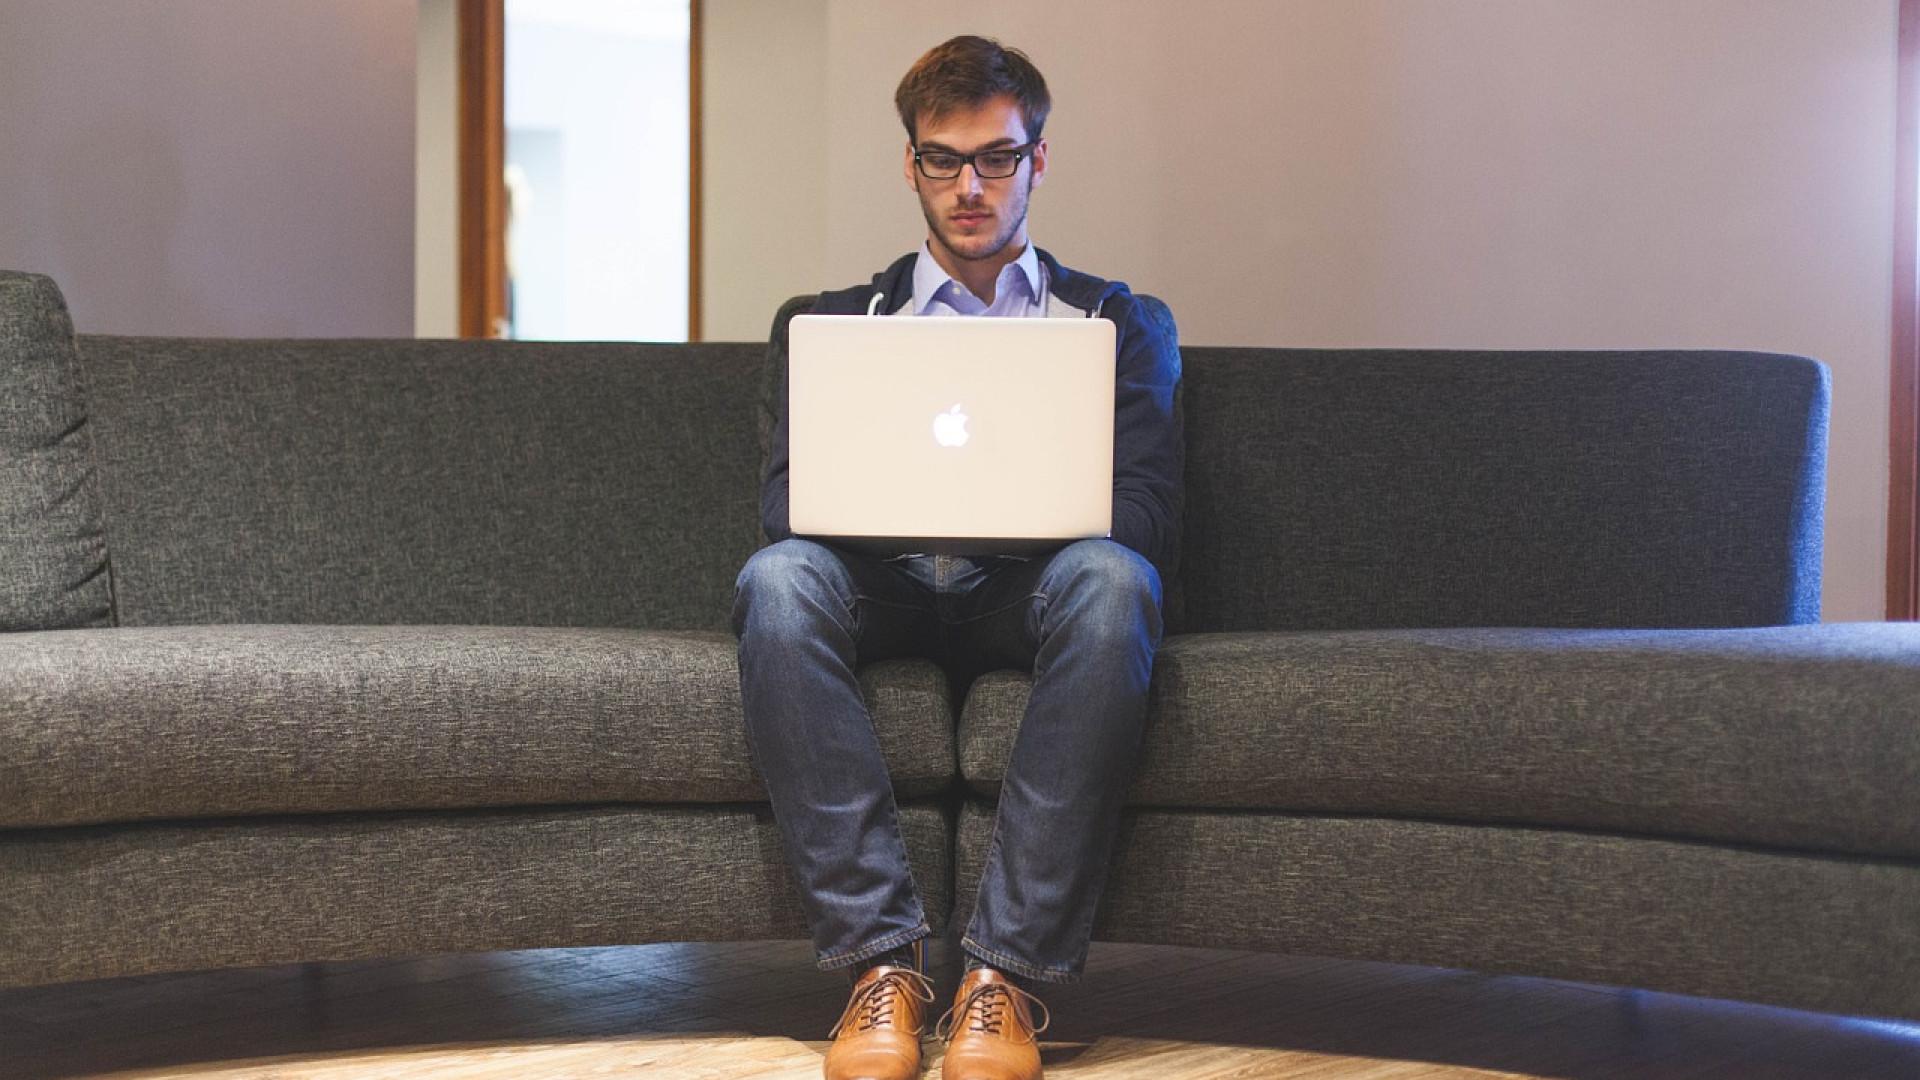 Pourquoi les entreprises doivent consulter les professionnels d'offre TMA ?